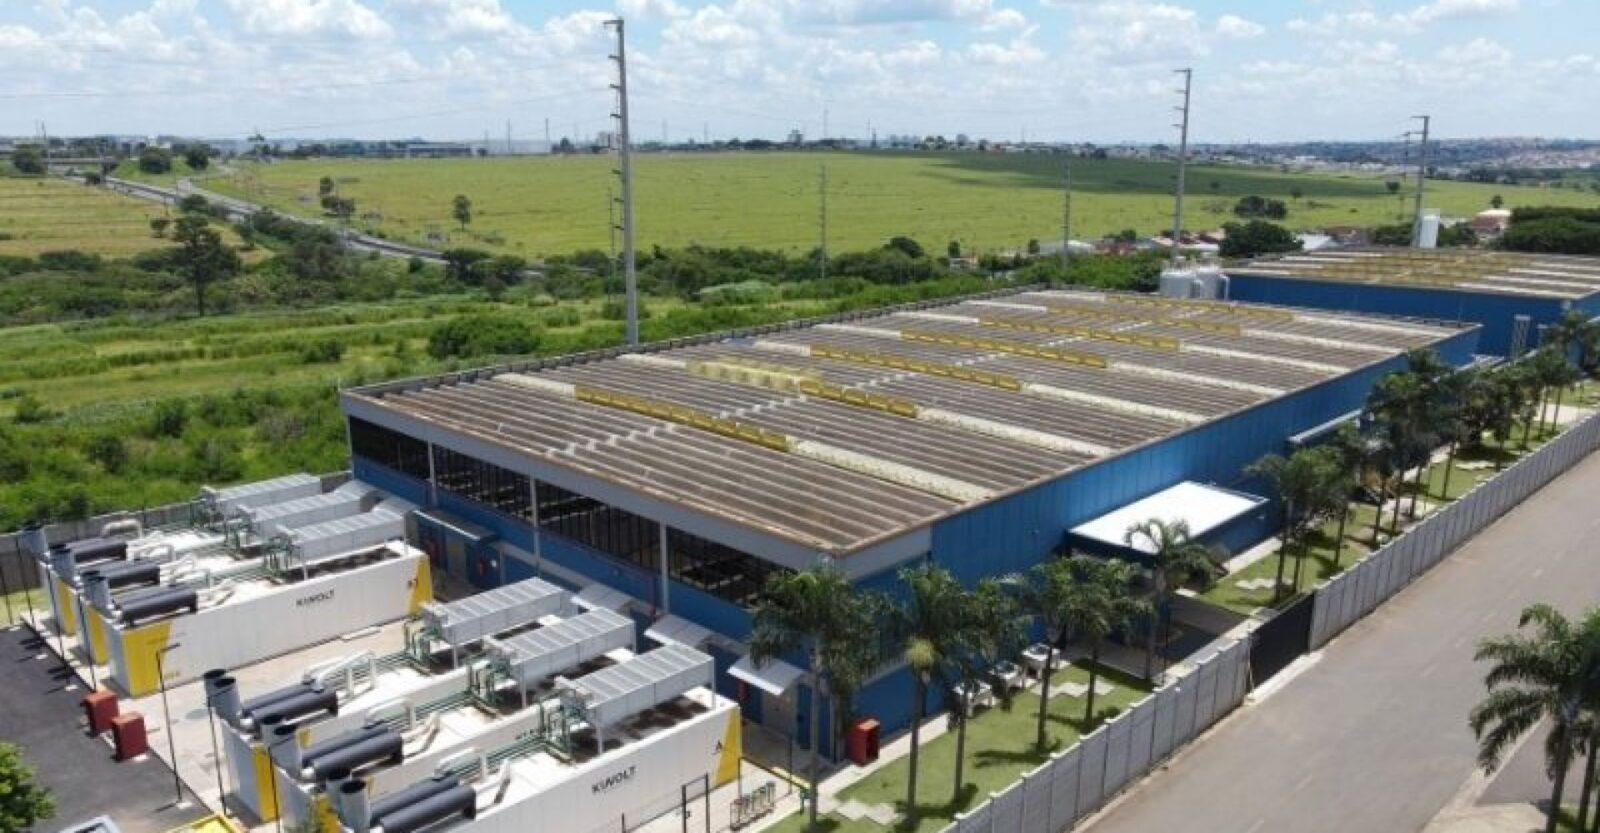 بازار در حال توسعه مرکز داده در برزیل